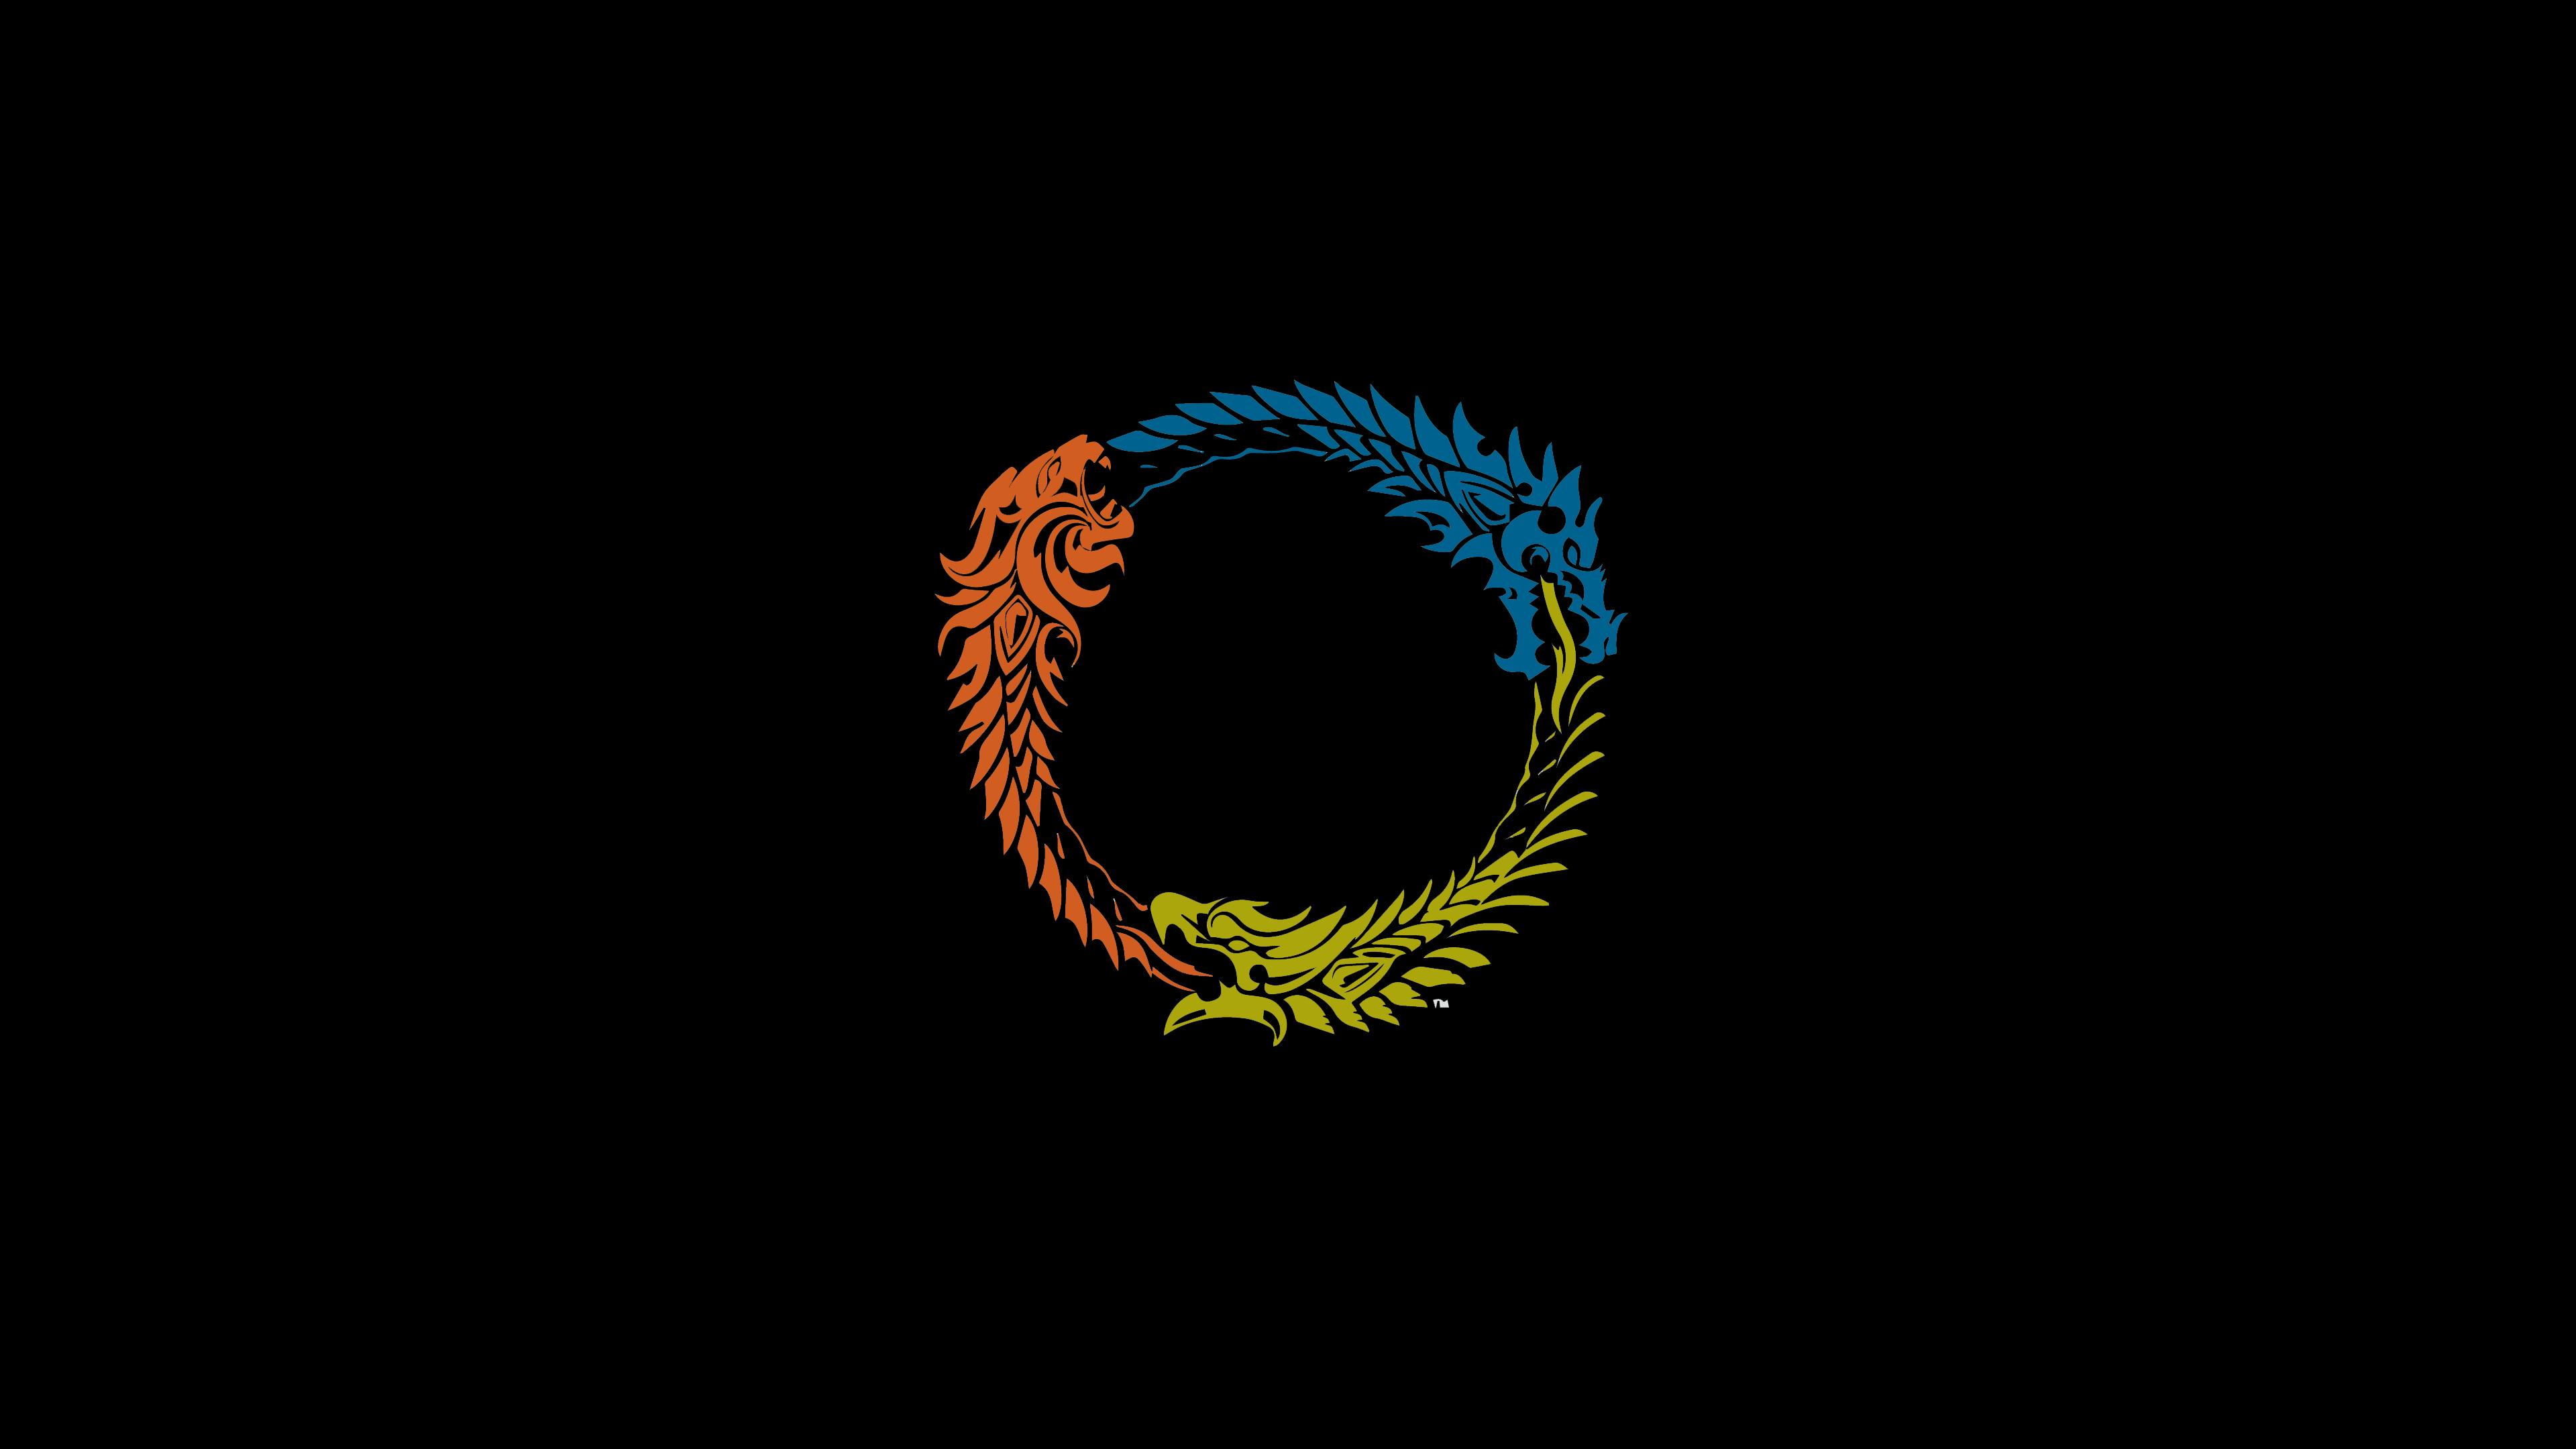 ESO logo Wallpaper (colored) : elderscrollsonline.